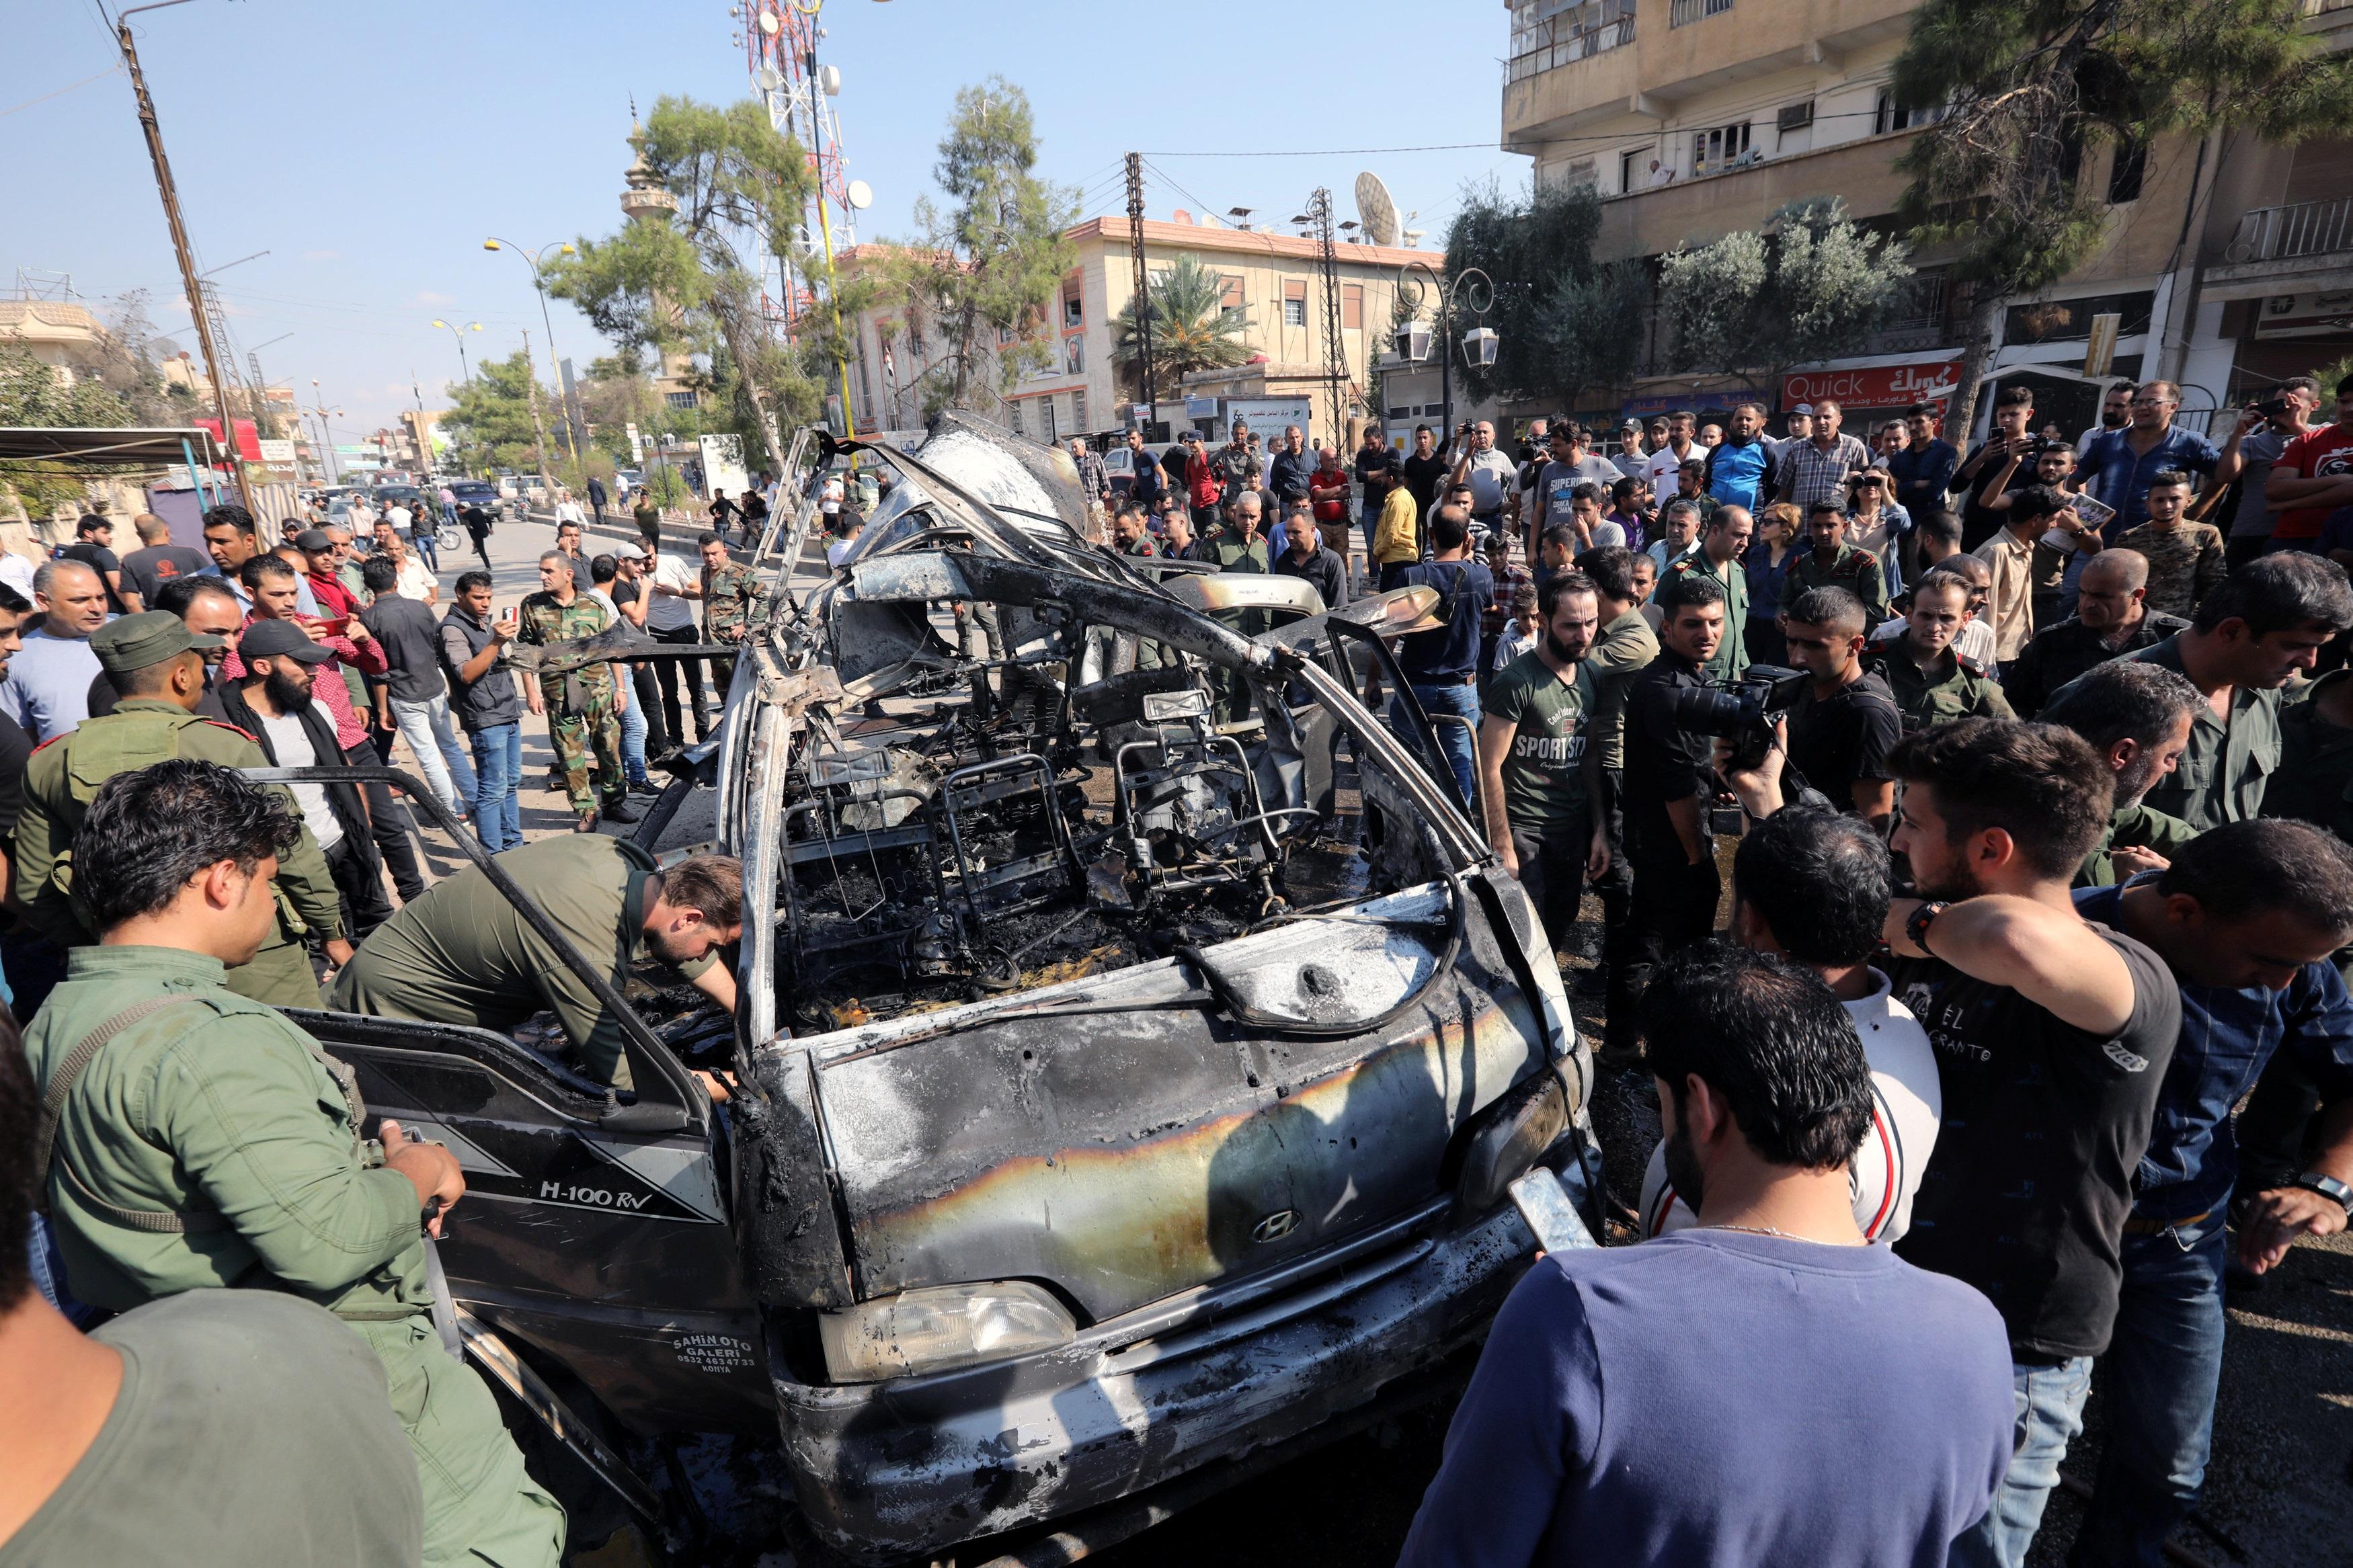 Συρία: Τουλάχιστον 15 νεκροί από έκρηξη παγιδευμένου αυτοκινήτου στην πόλη Τελ Αμπιάντ!